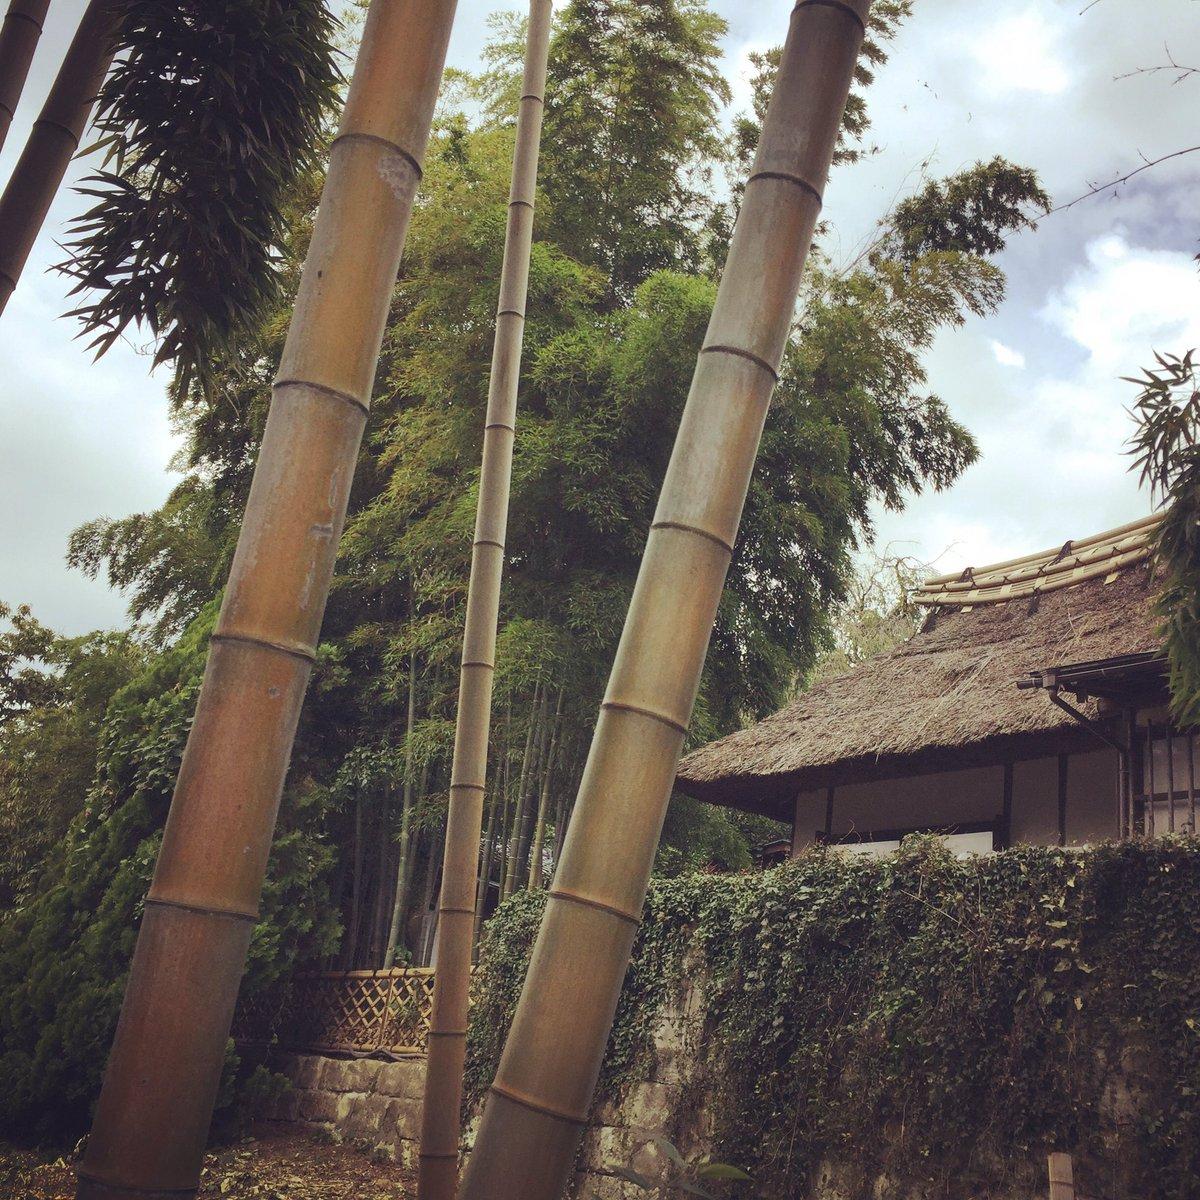 竹藪と生垣の続く細い道に惹かれて。途中、視界に飛び込んできた家をマヨイガかと思った。